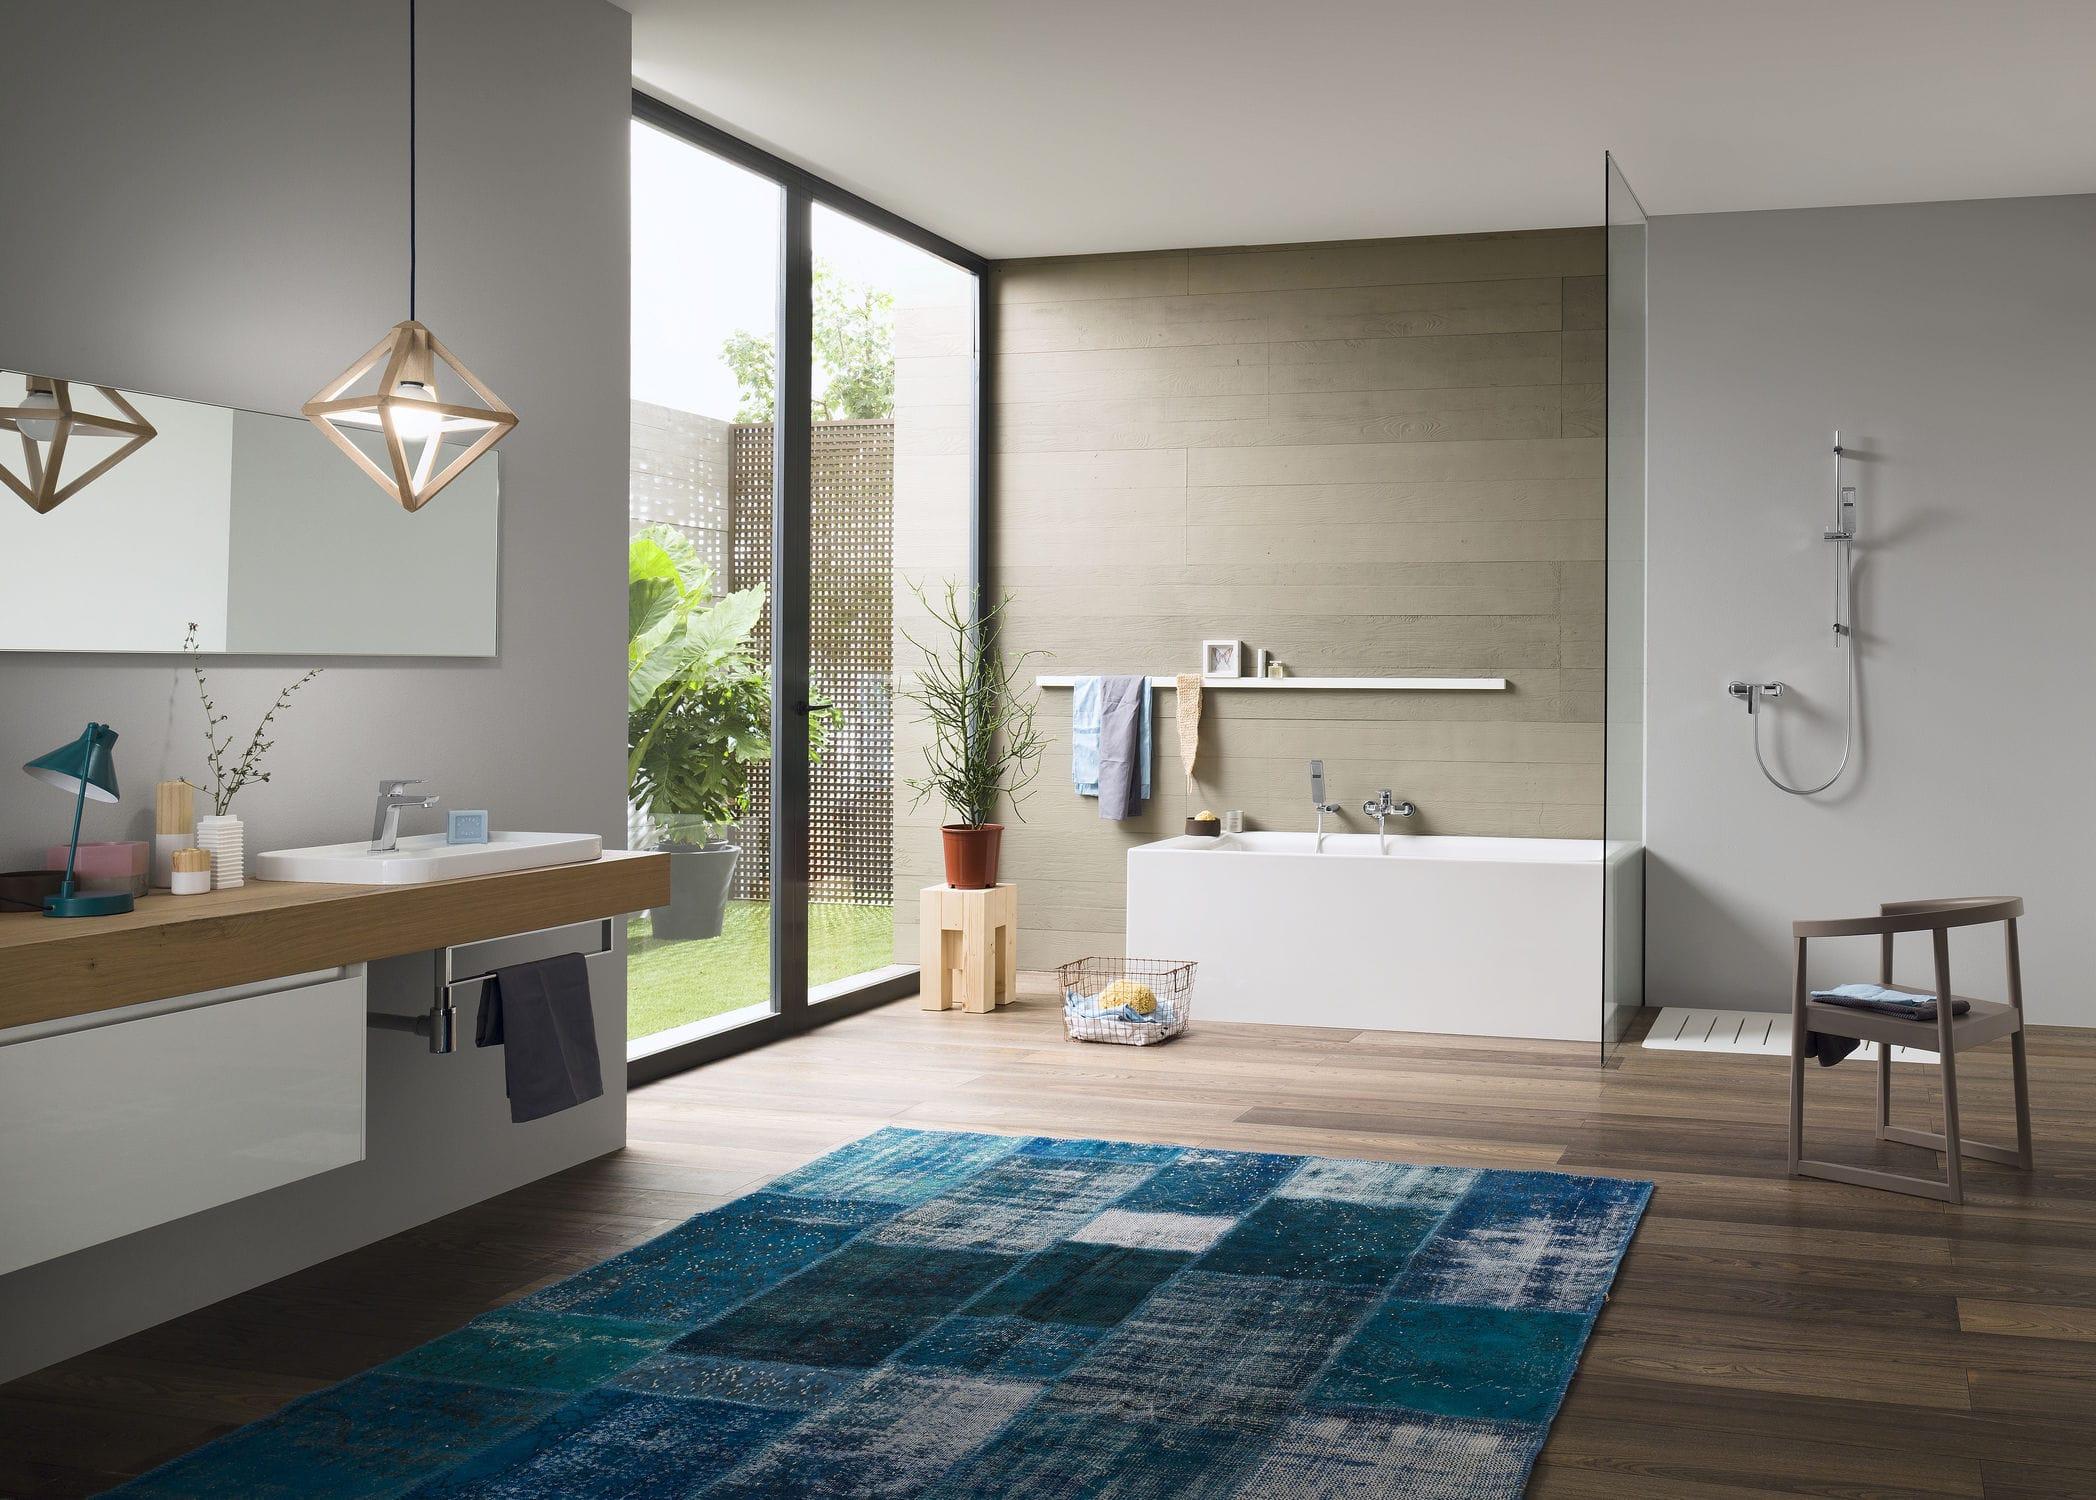 Vasca Da Bagno Qube : Miscelatore per vasca da parete in ottone cromato da bagno